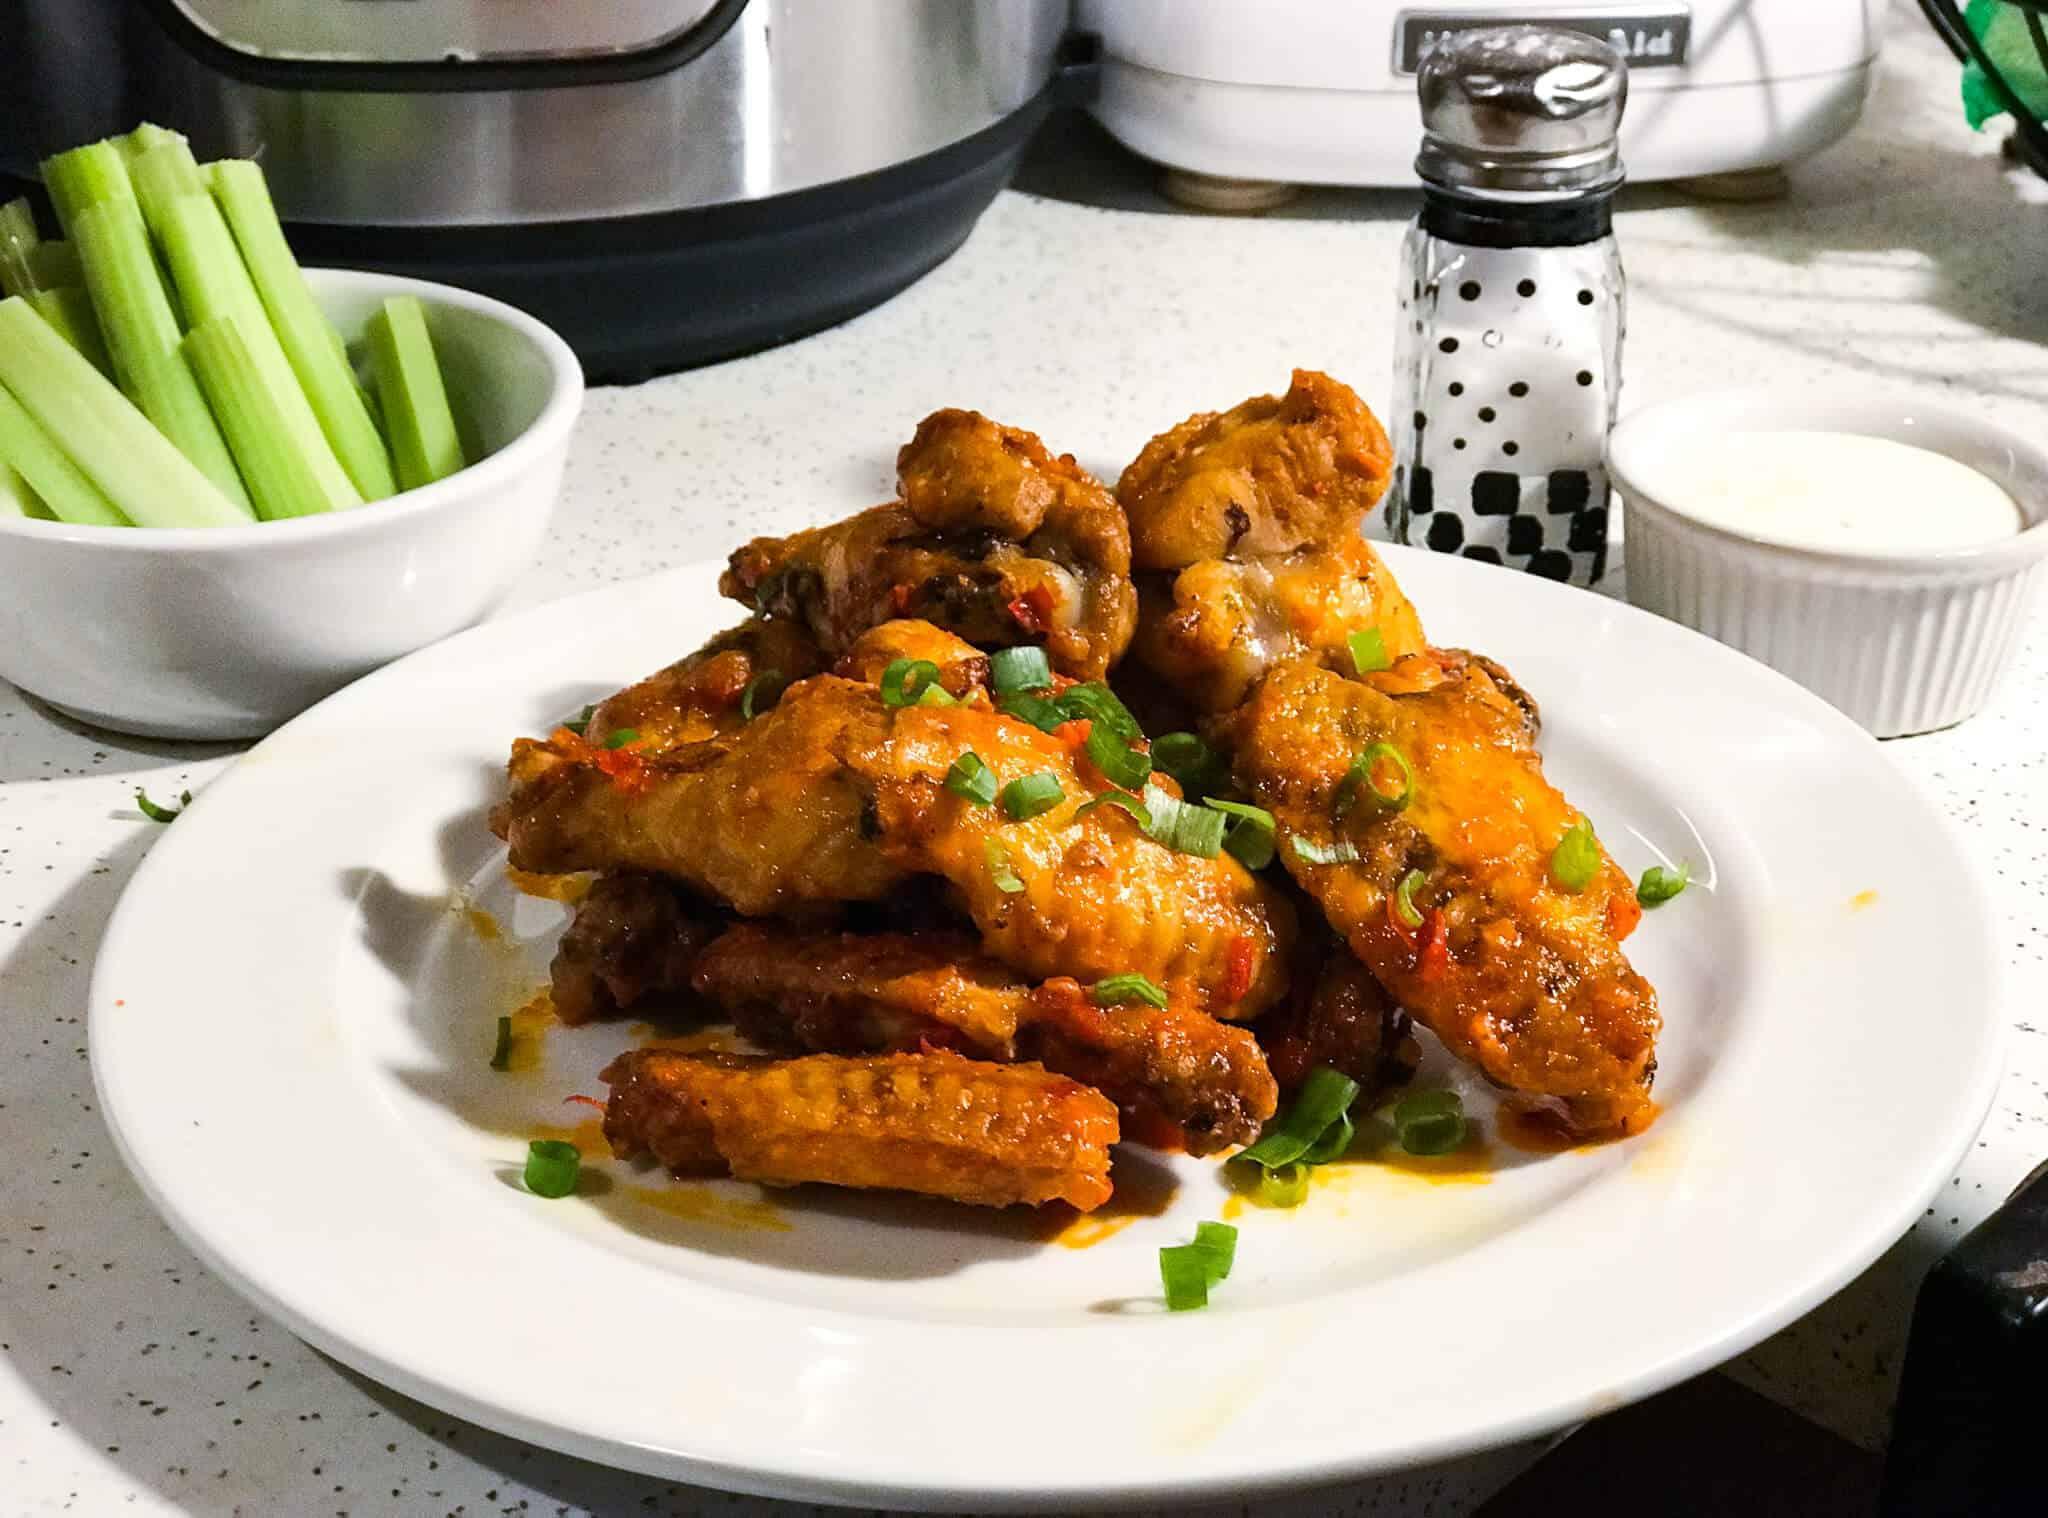 instant-pot-harissa-chicken-wings